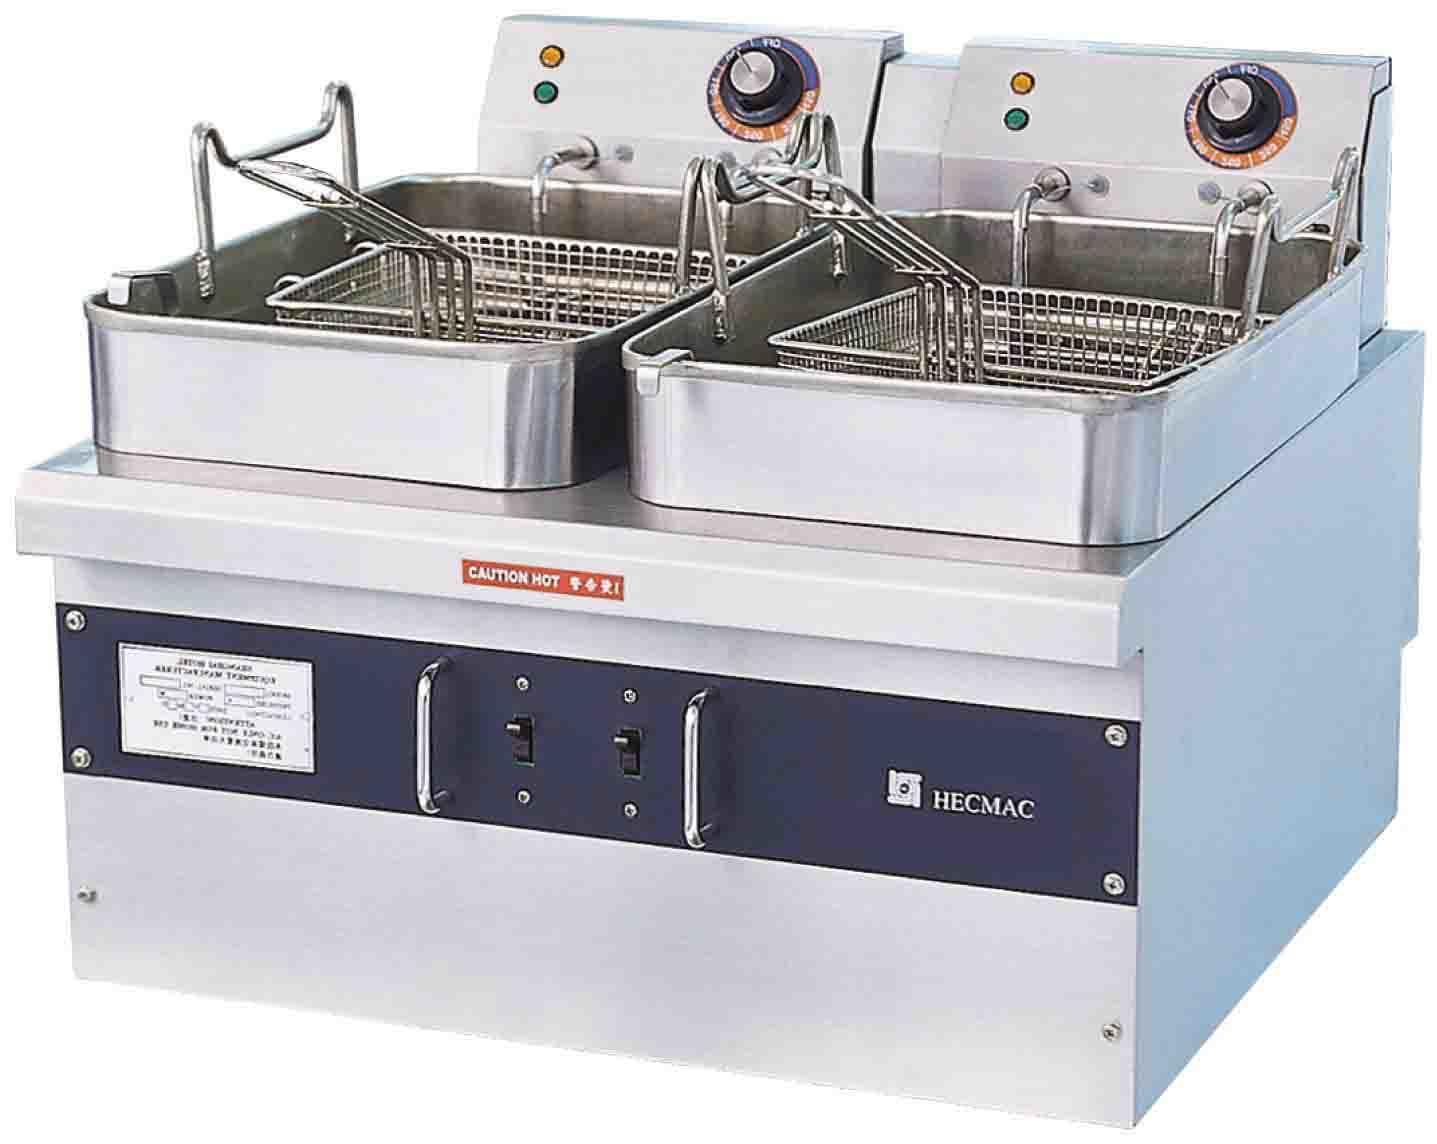 Heavy Duty Electric Fryers---Double Tanks (FEHCD224)